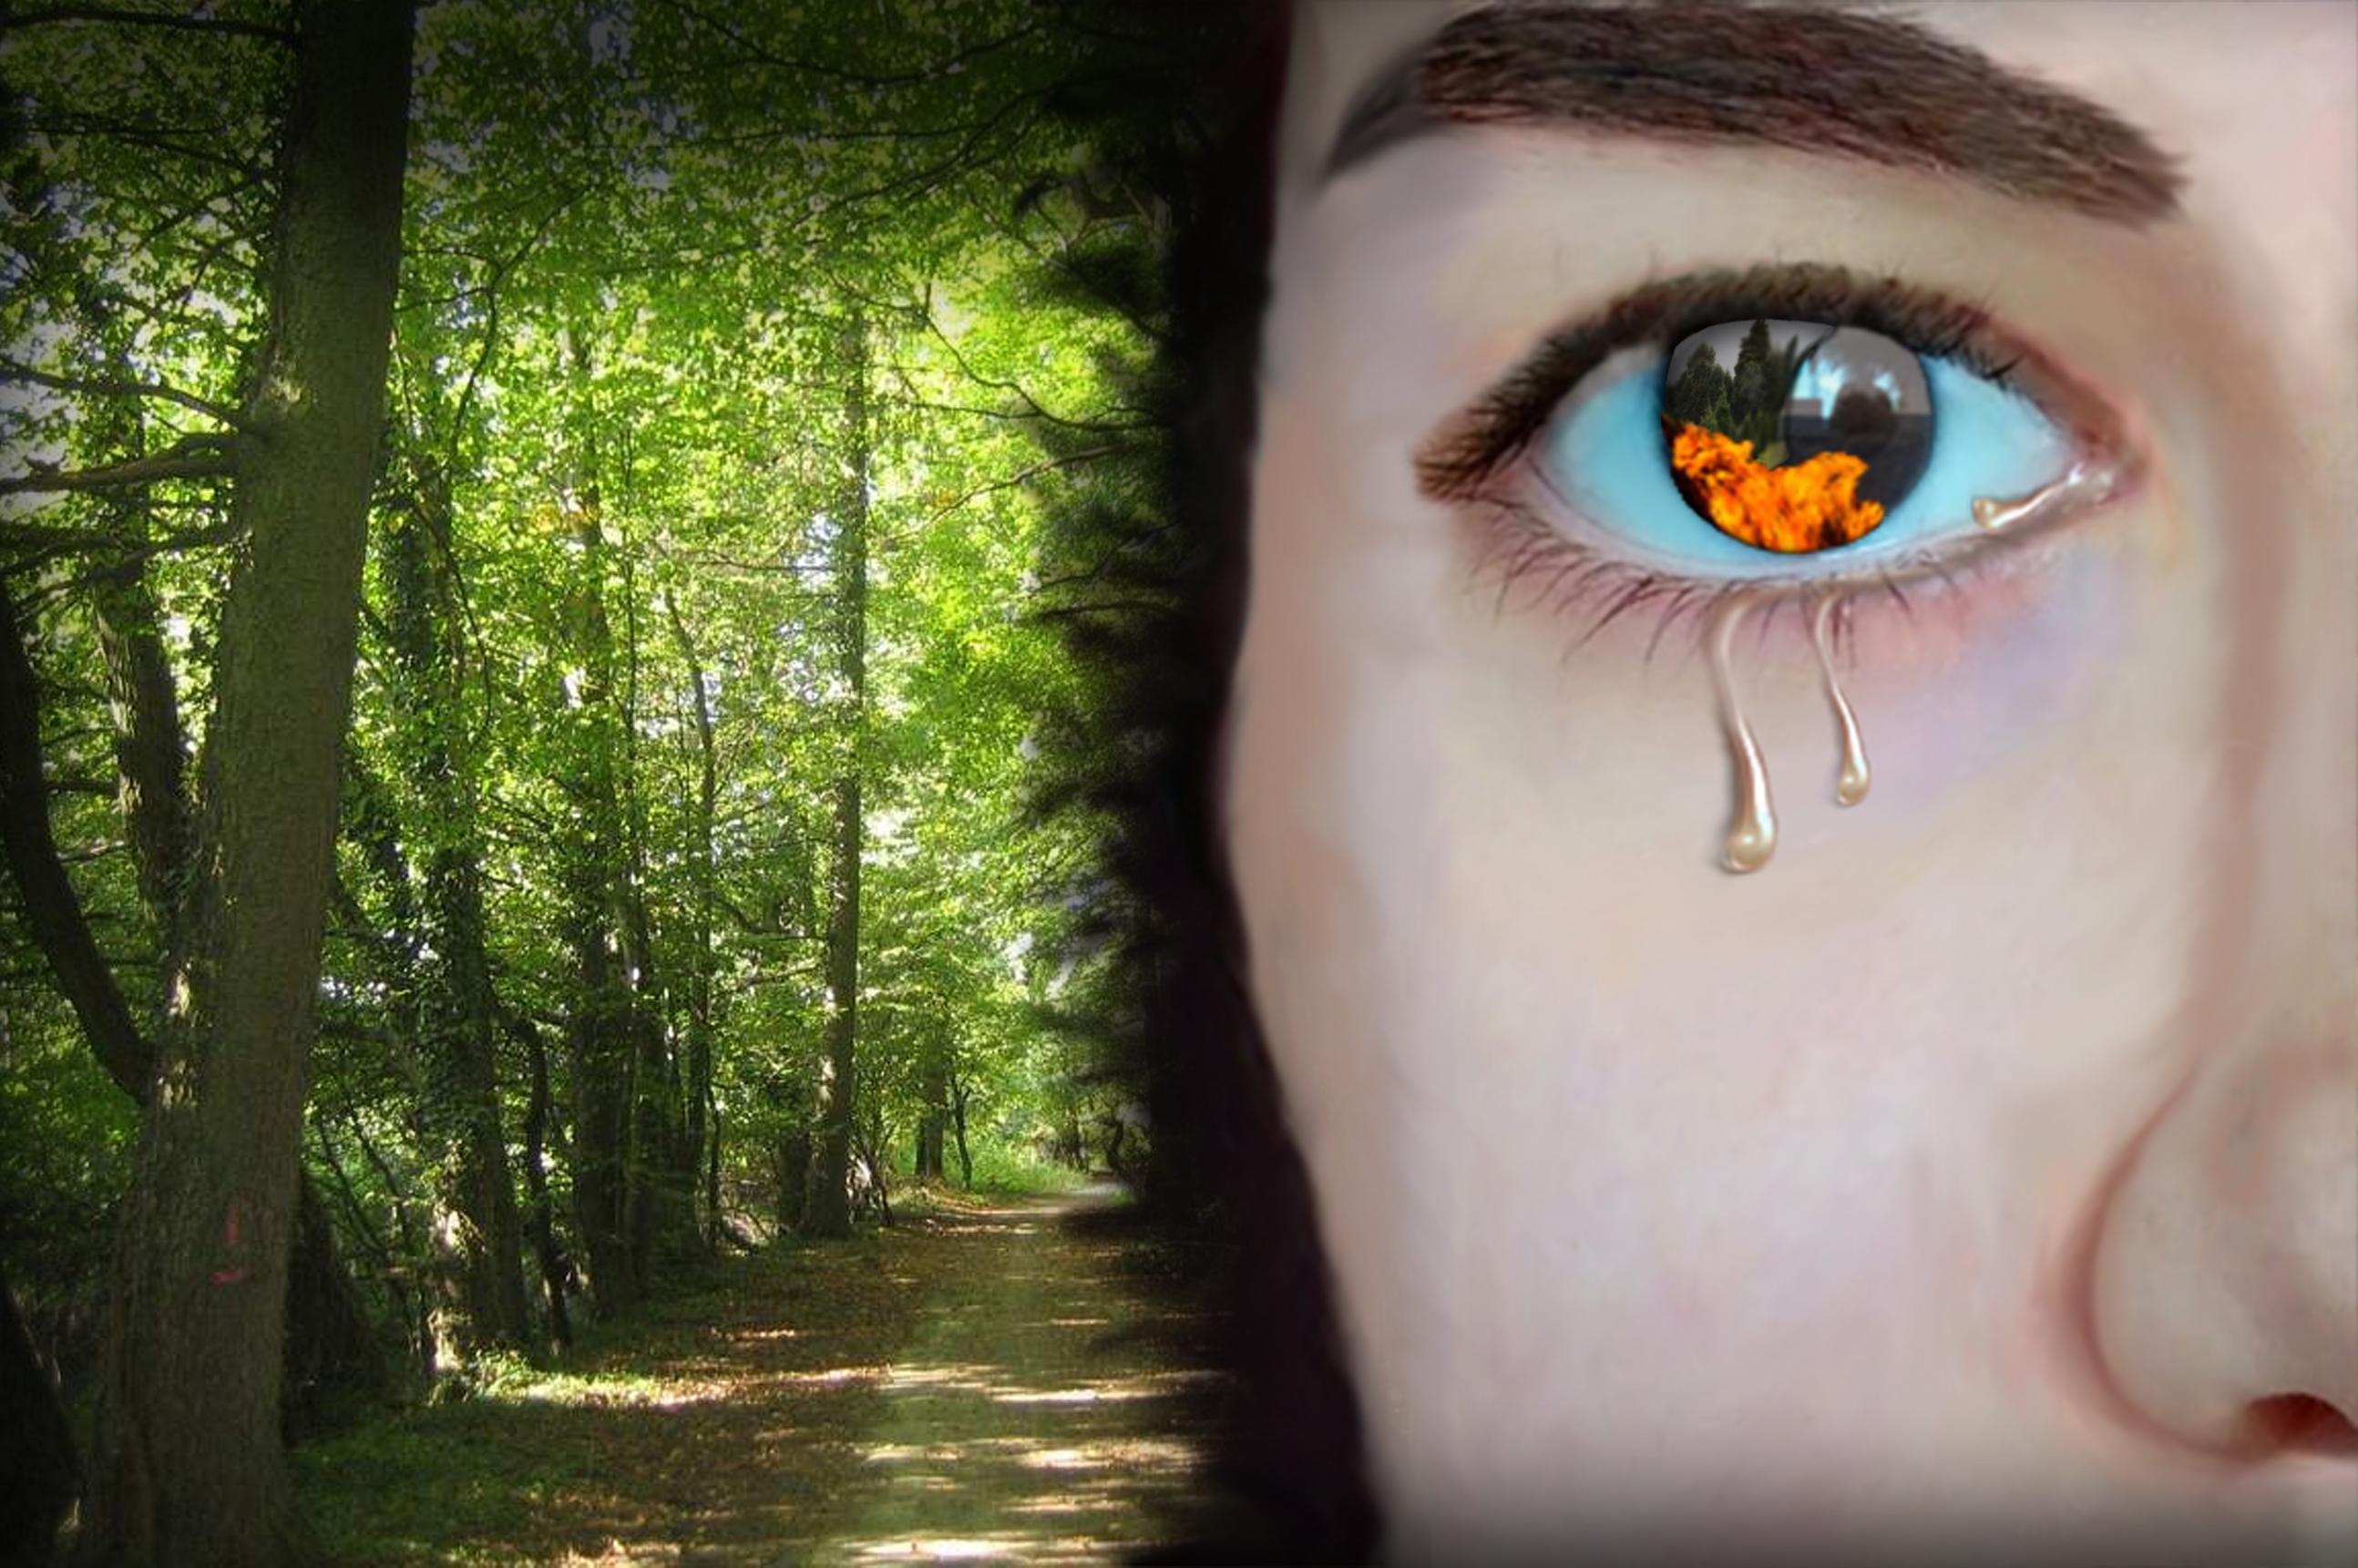 'Los ojos son el reflejo del alma', de Alba Ramírez López. Tercer premio.